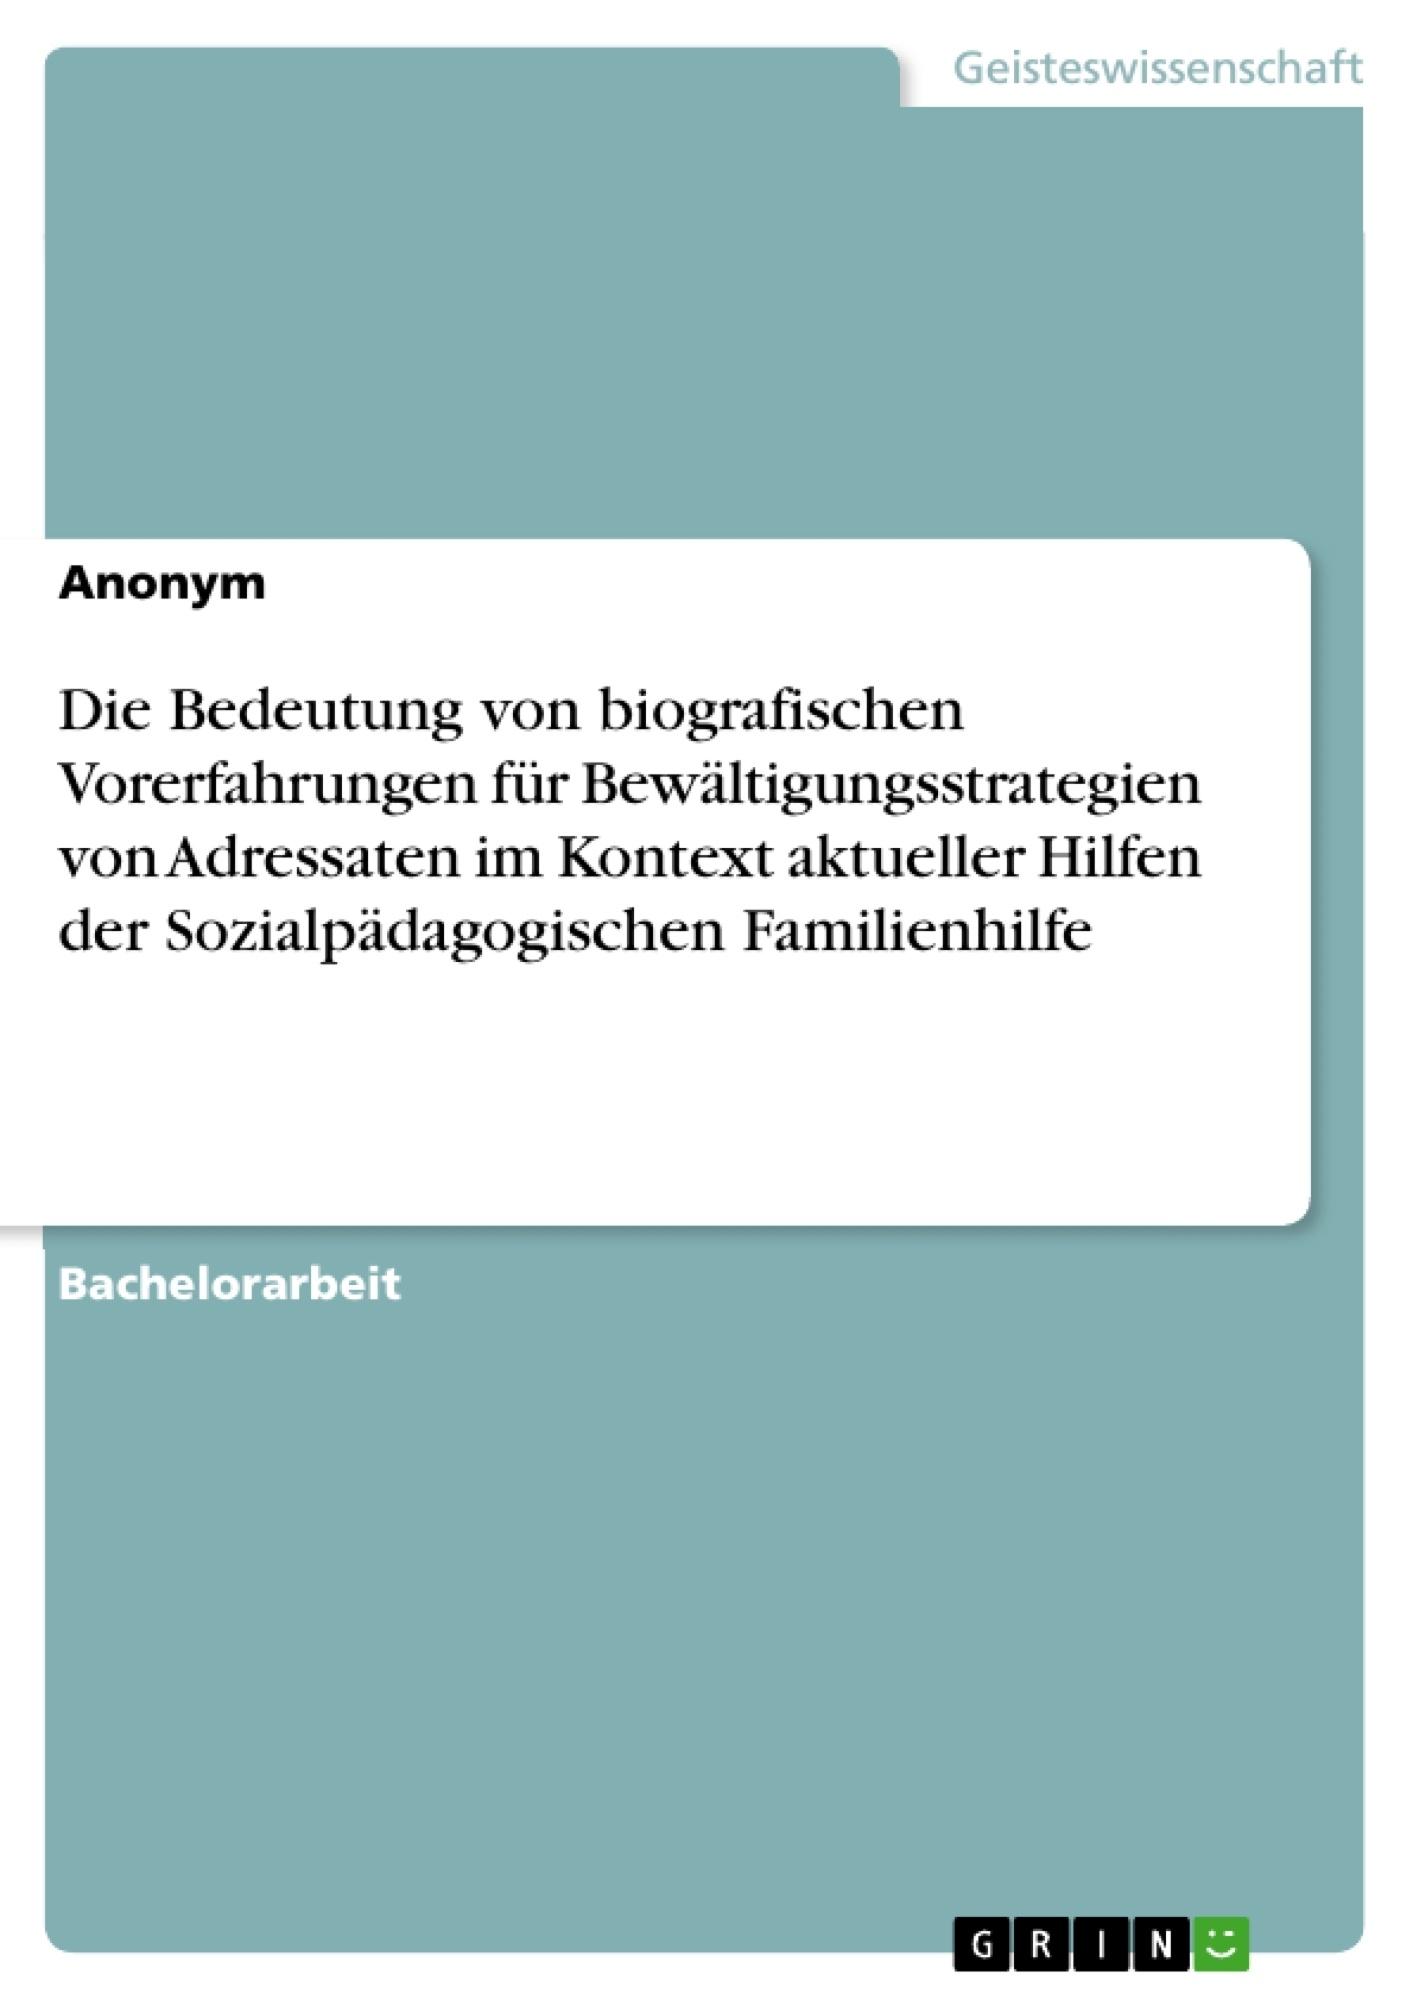 Titel: Die Bedeutung von biografischen Vorerfahrungen für Bewältigungsstrategien von Adressaten im Kontext aktueller Hilfen der Sozialpädagogischen Familienhilfe